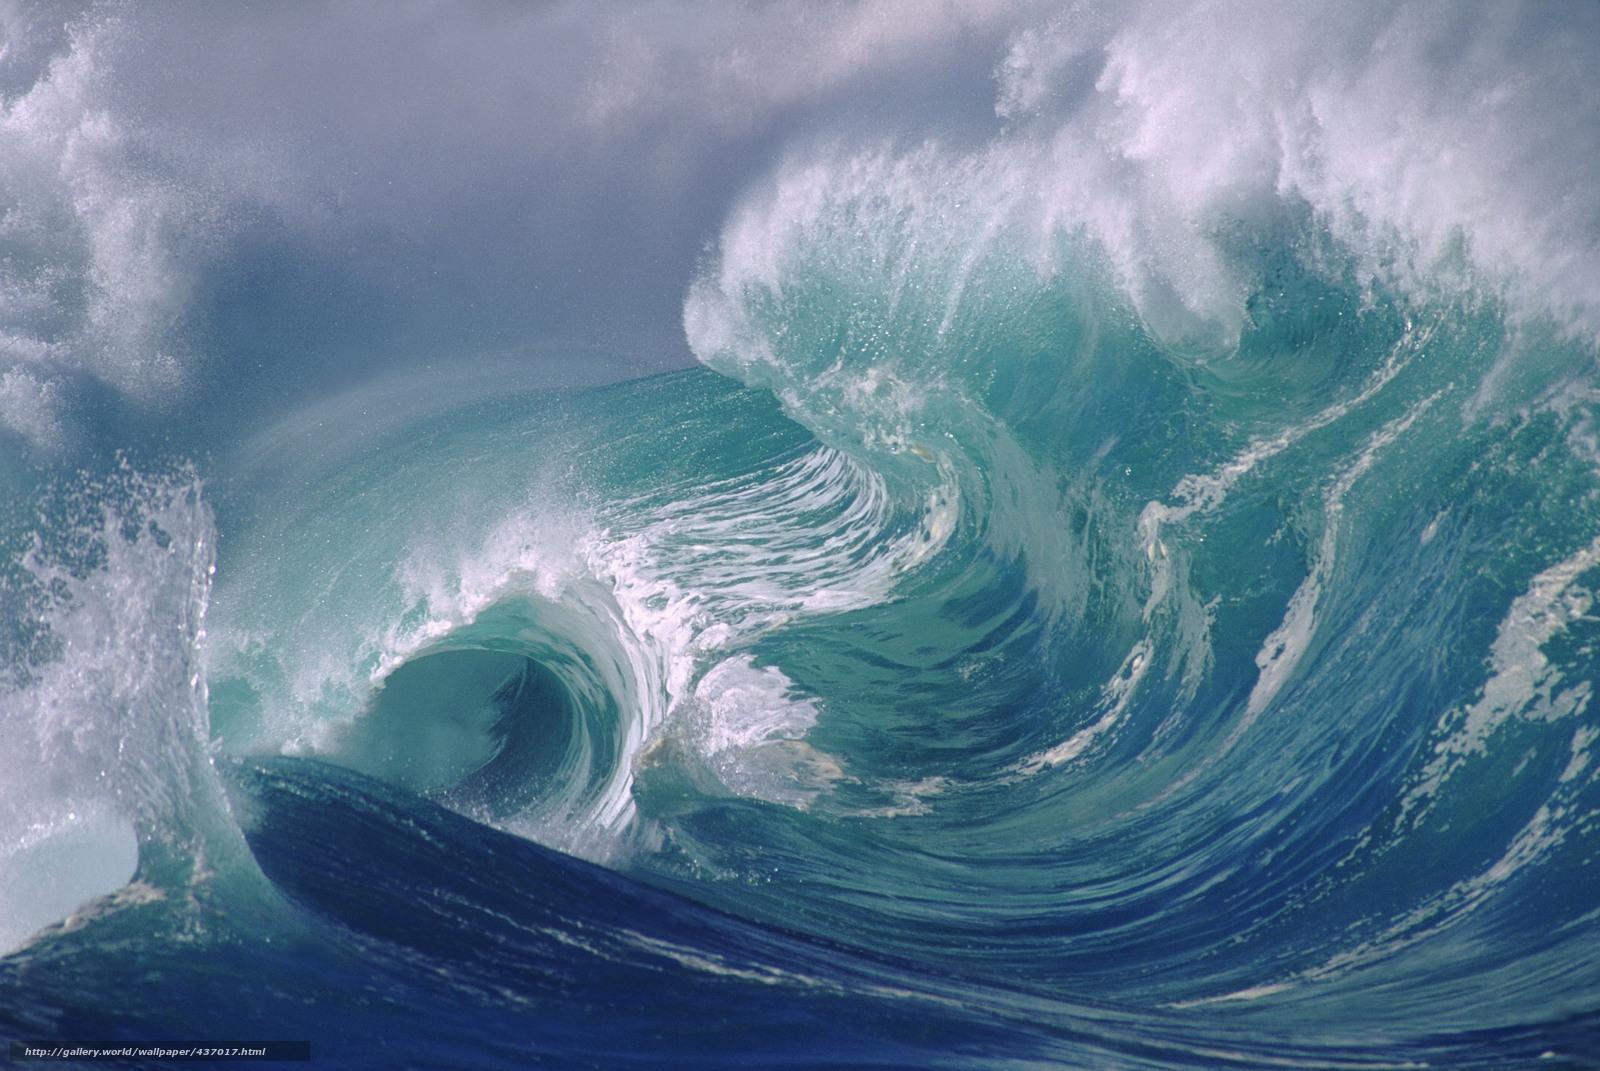 Download wallpaper sea ocean waves foam desktop wallpaper in 1600x1071